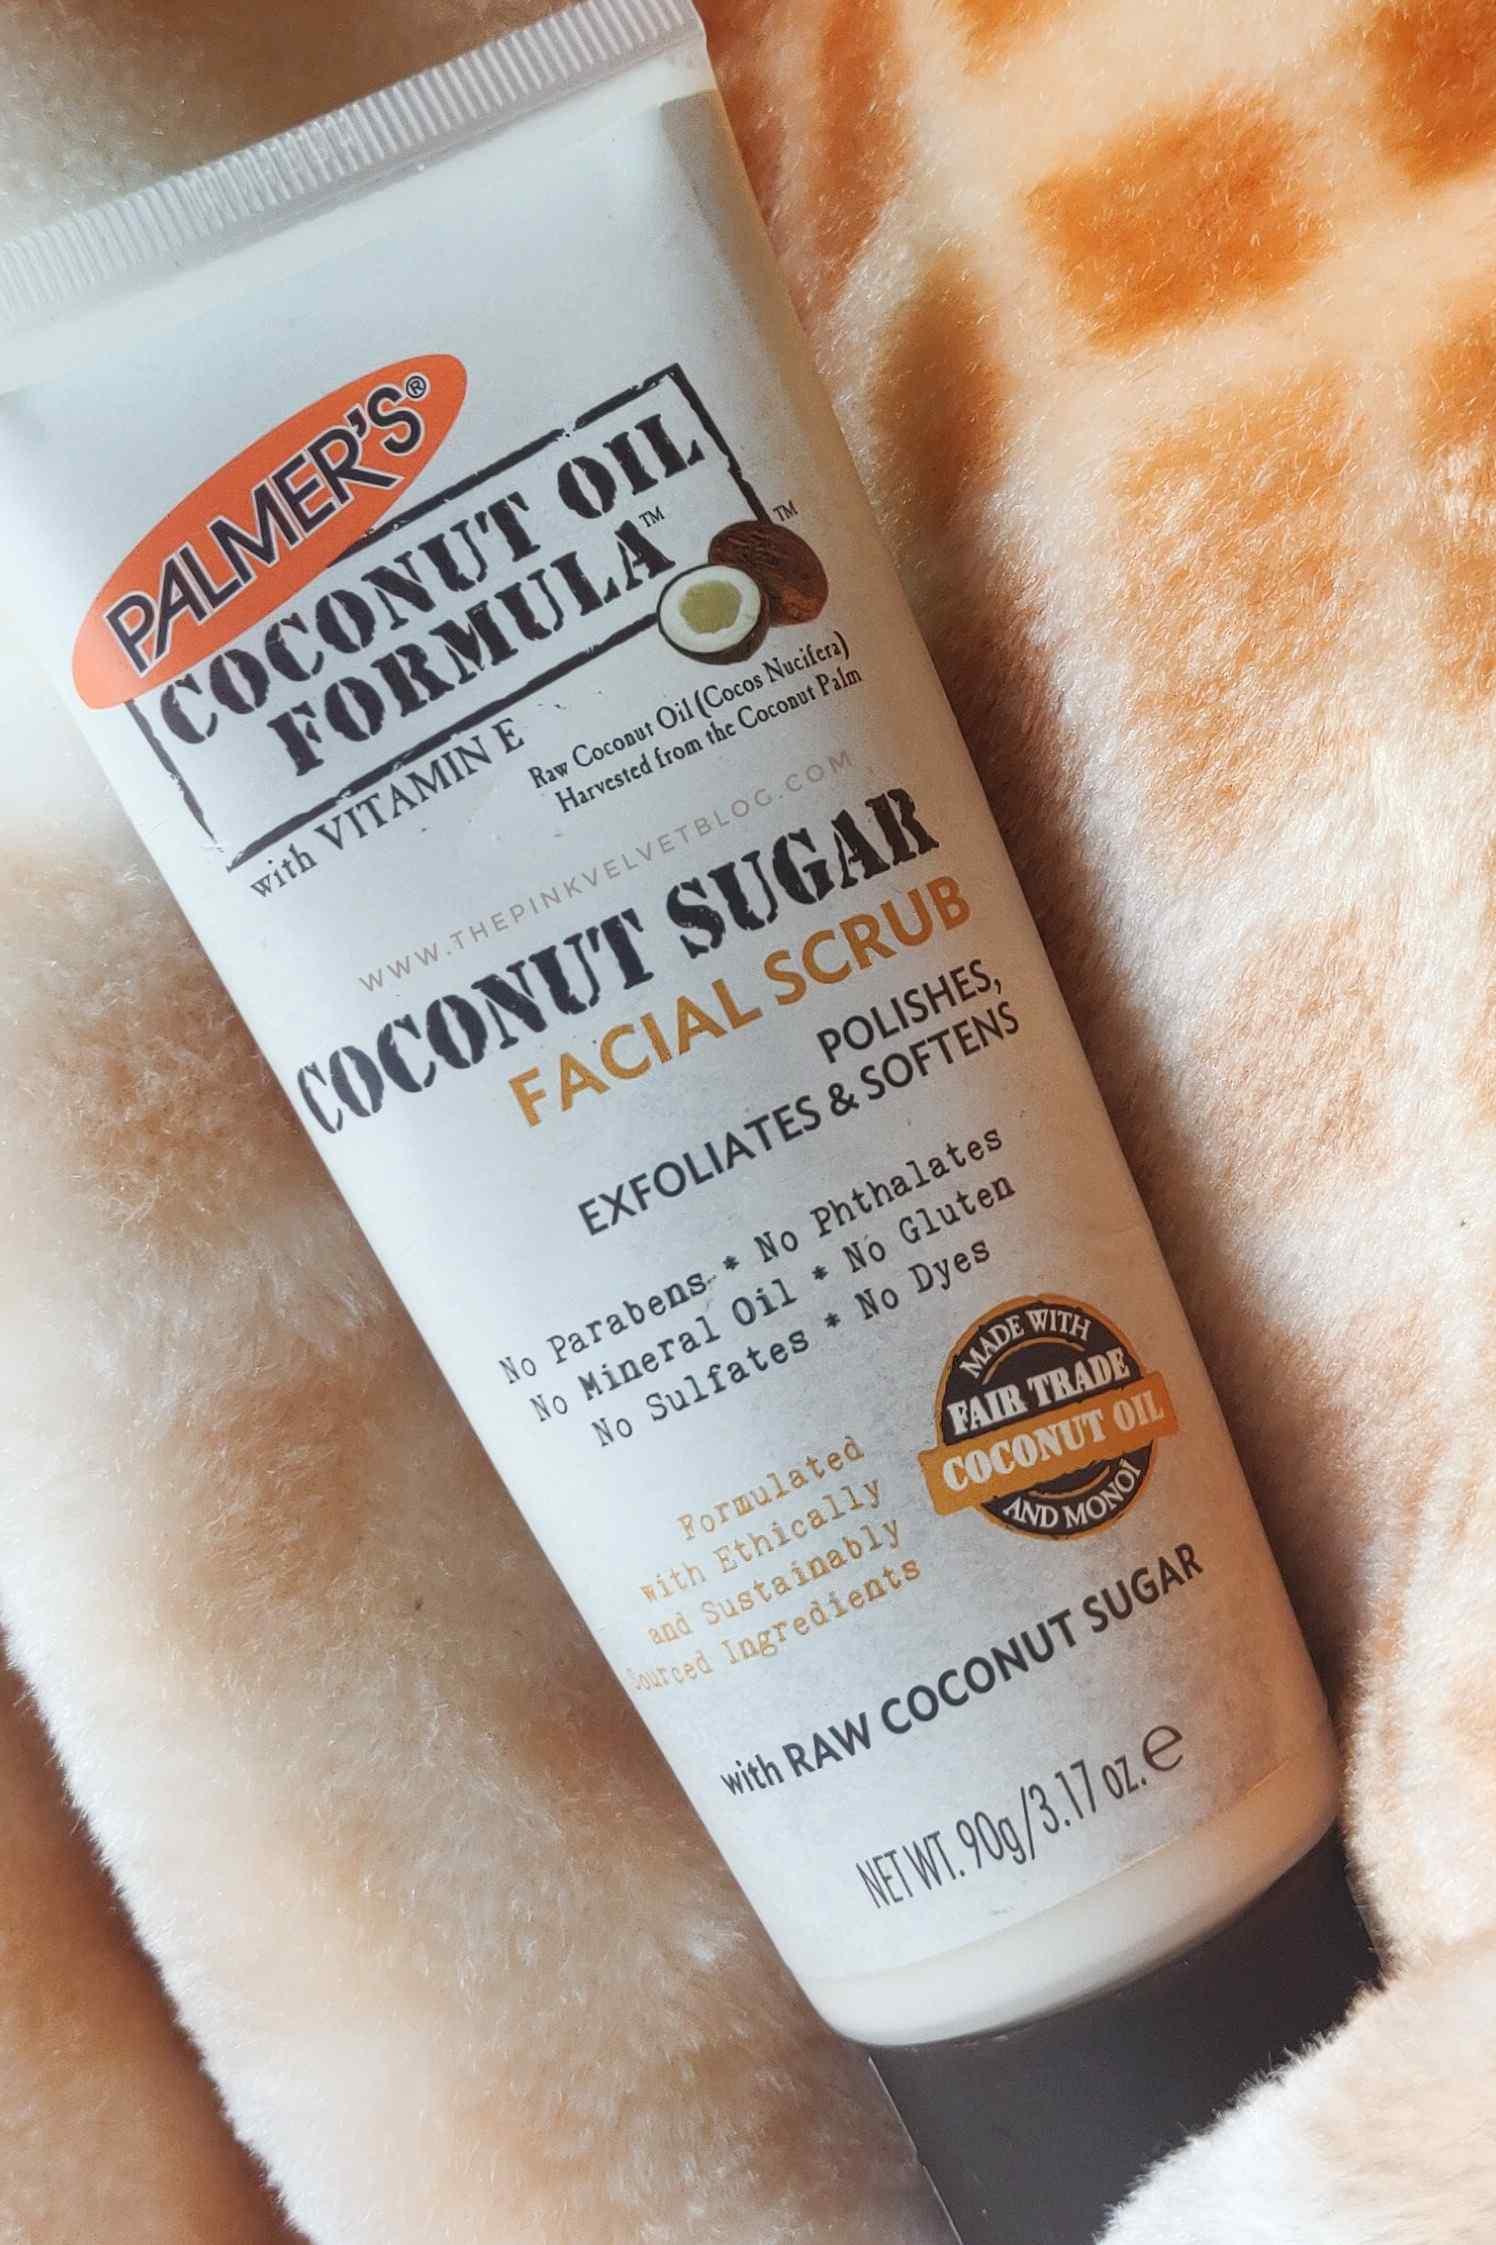 Palmer's Coconut Sugar Facial Scrub – Review